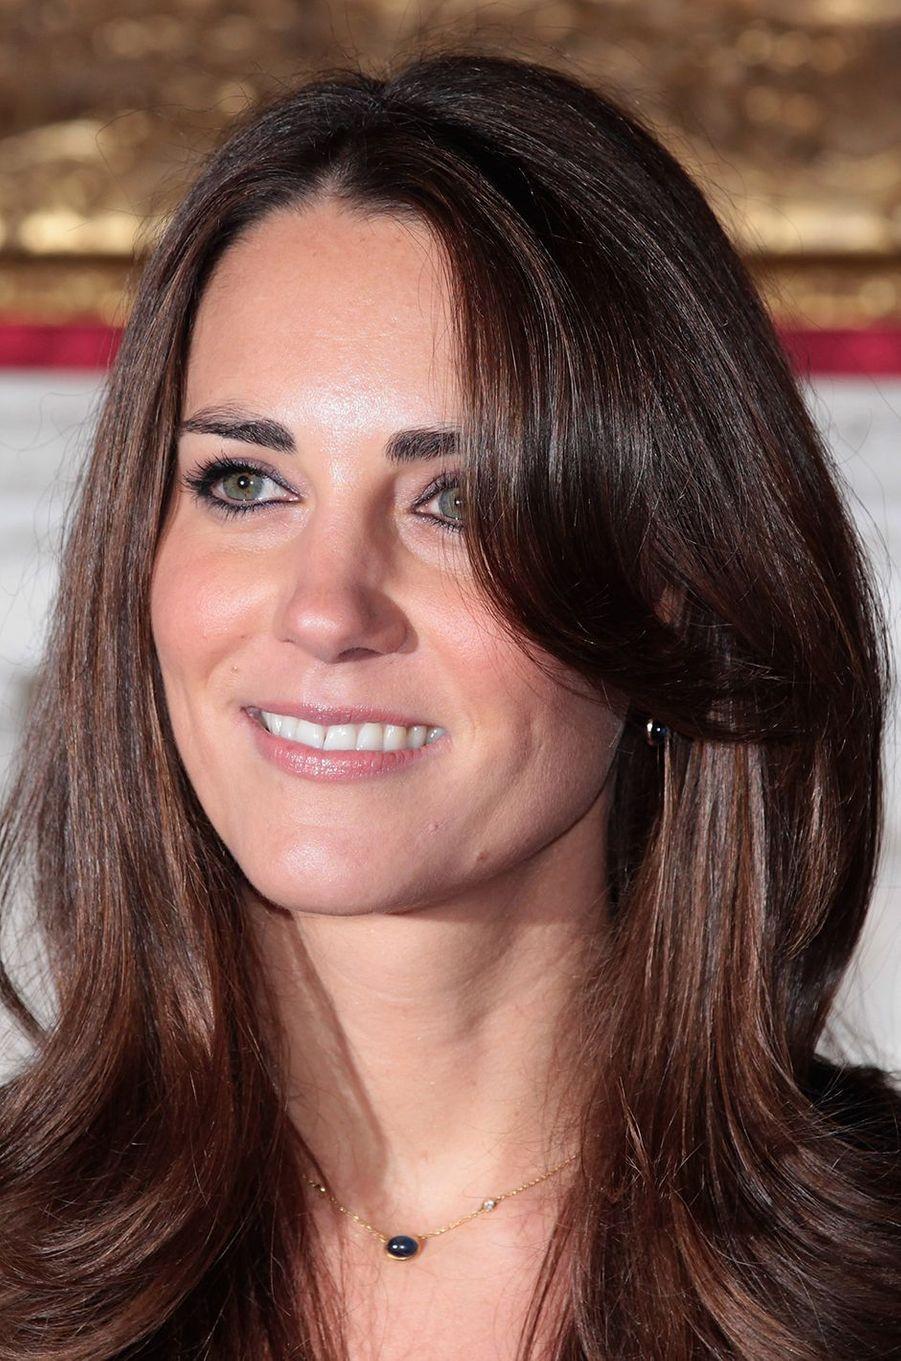 Kate Middleton aupalais Saint JamesàLondres le 16 novembre 2010